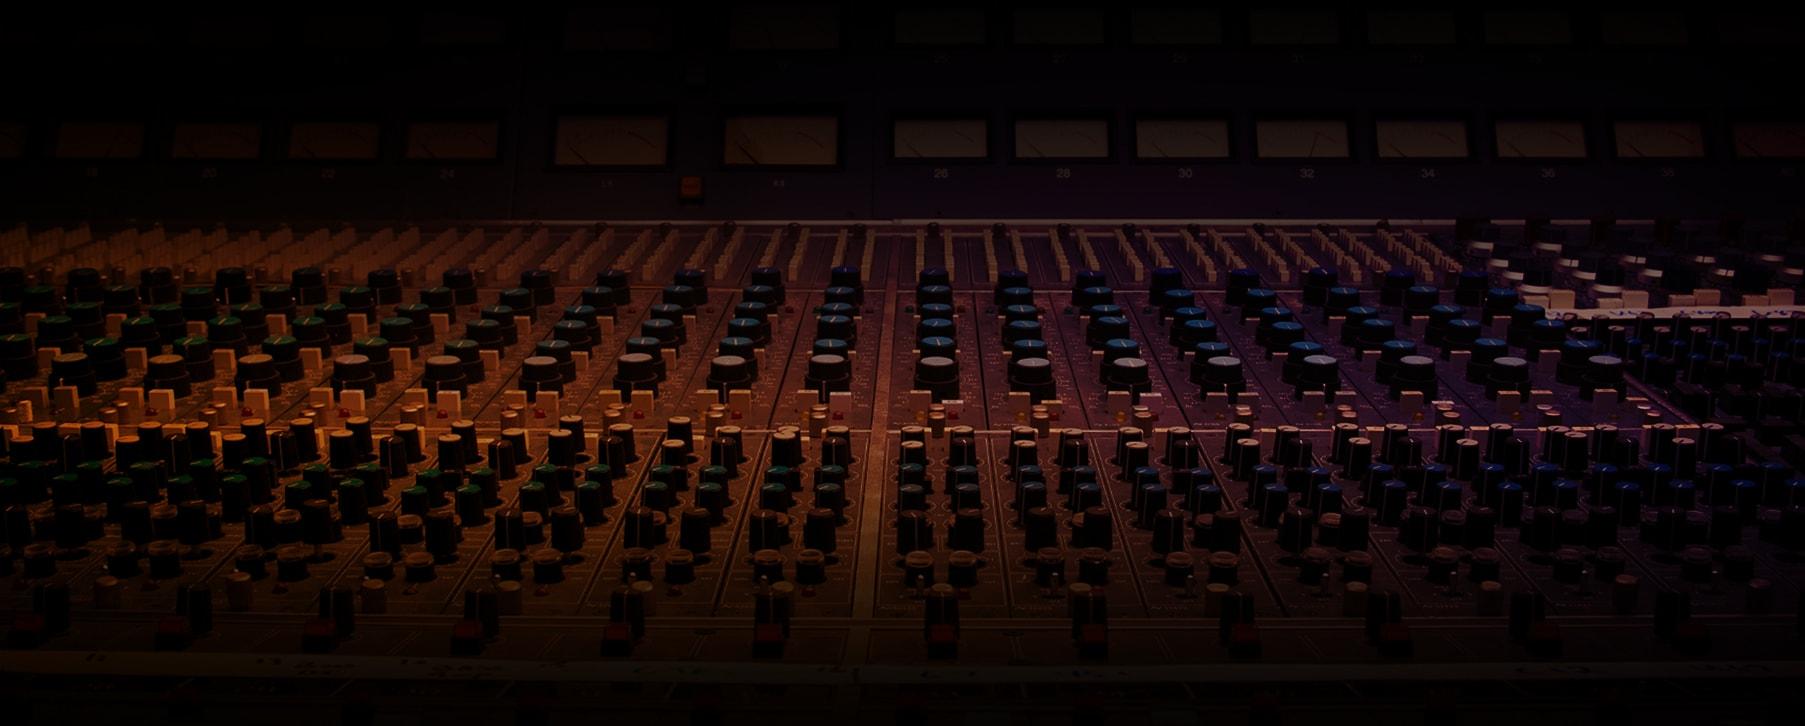 Studio Basics